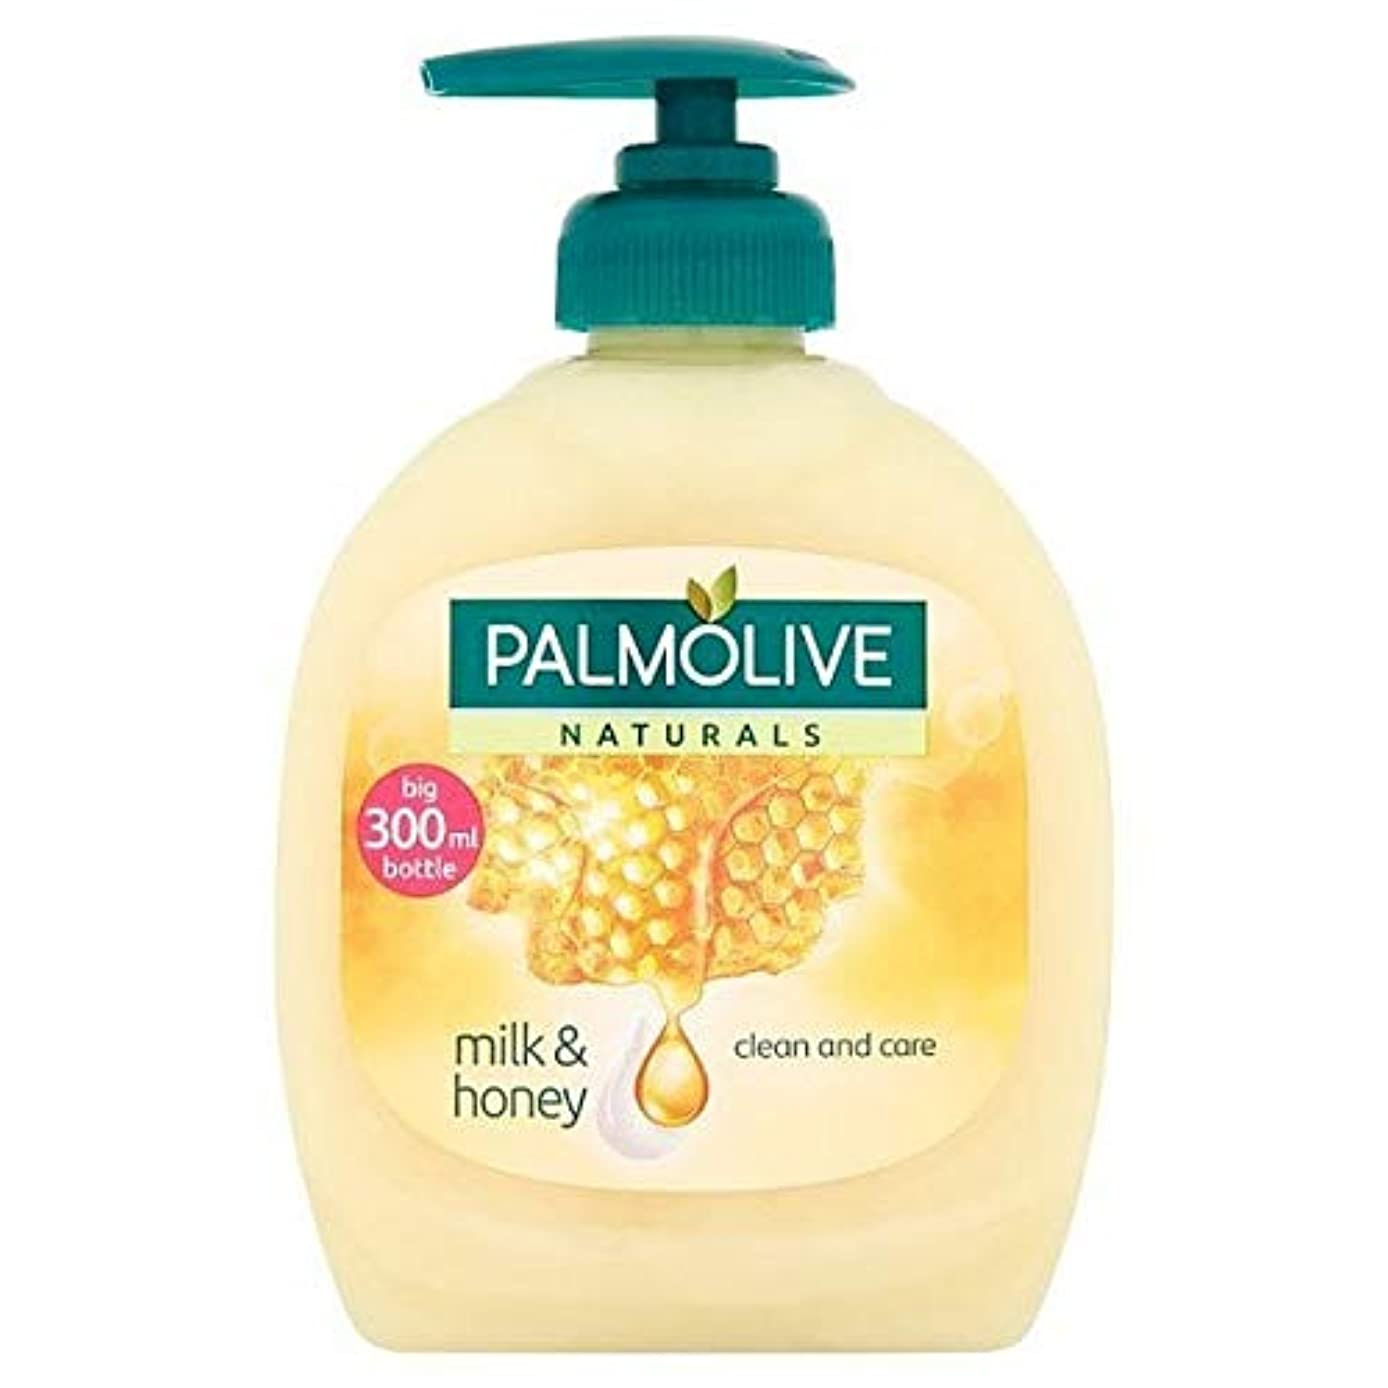 適応的囲まれた意図する[Palmolive ] パルモ液体ハンドソープ乳と蜜の300ミリリットル - Palmolive Liquid Hand Soap Milk And Honey 300ml [並行輸入品]